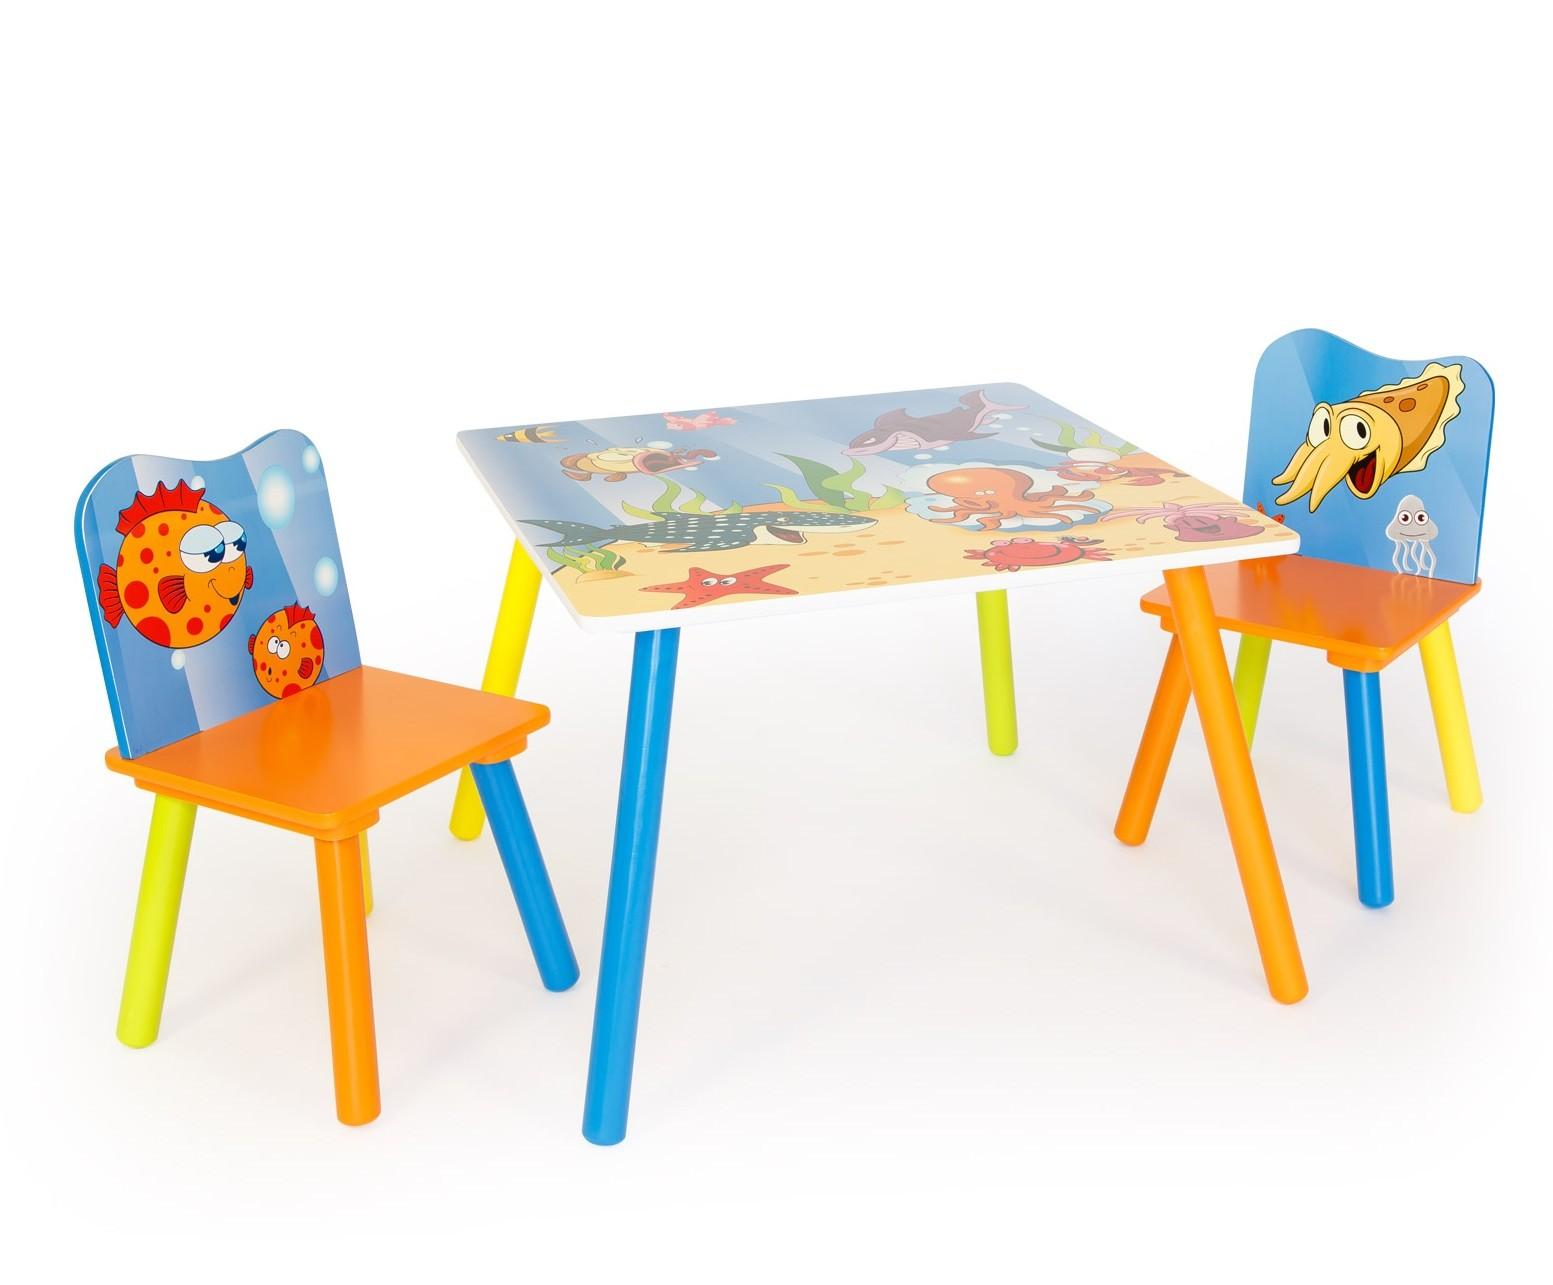 Table avec chaise pour enfant ouistitipop for Table avec chaise enfant